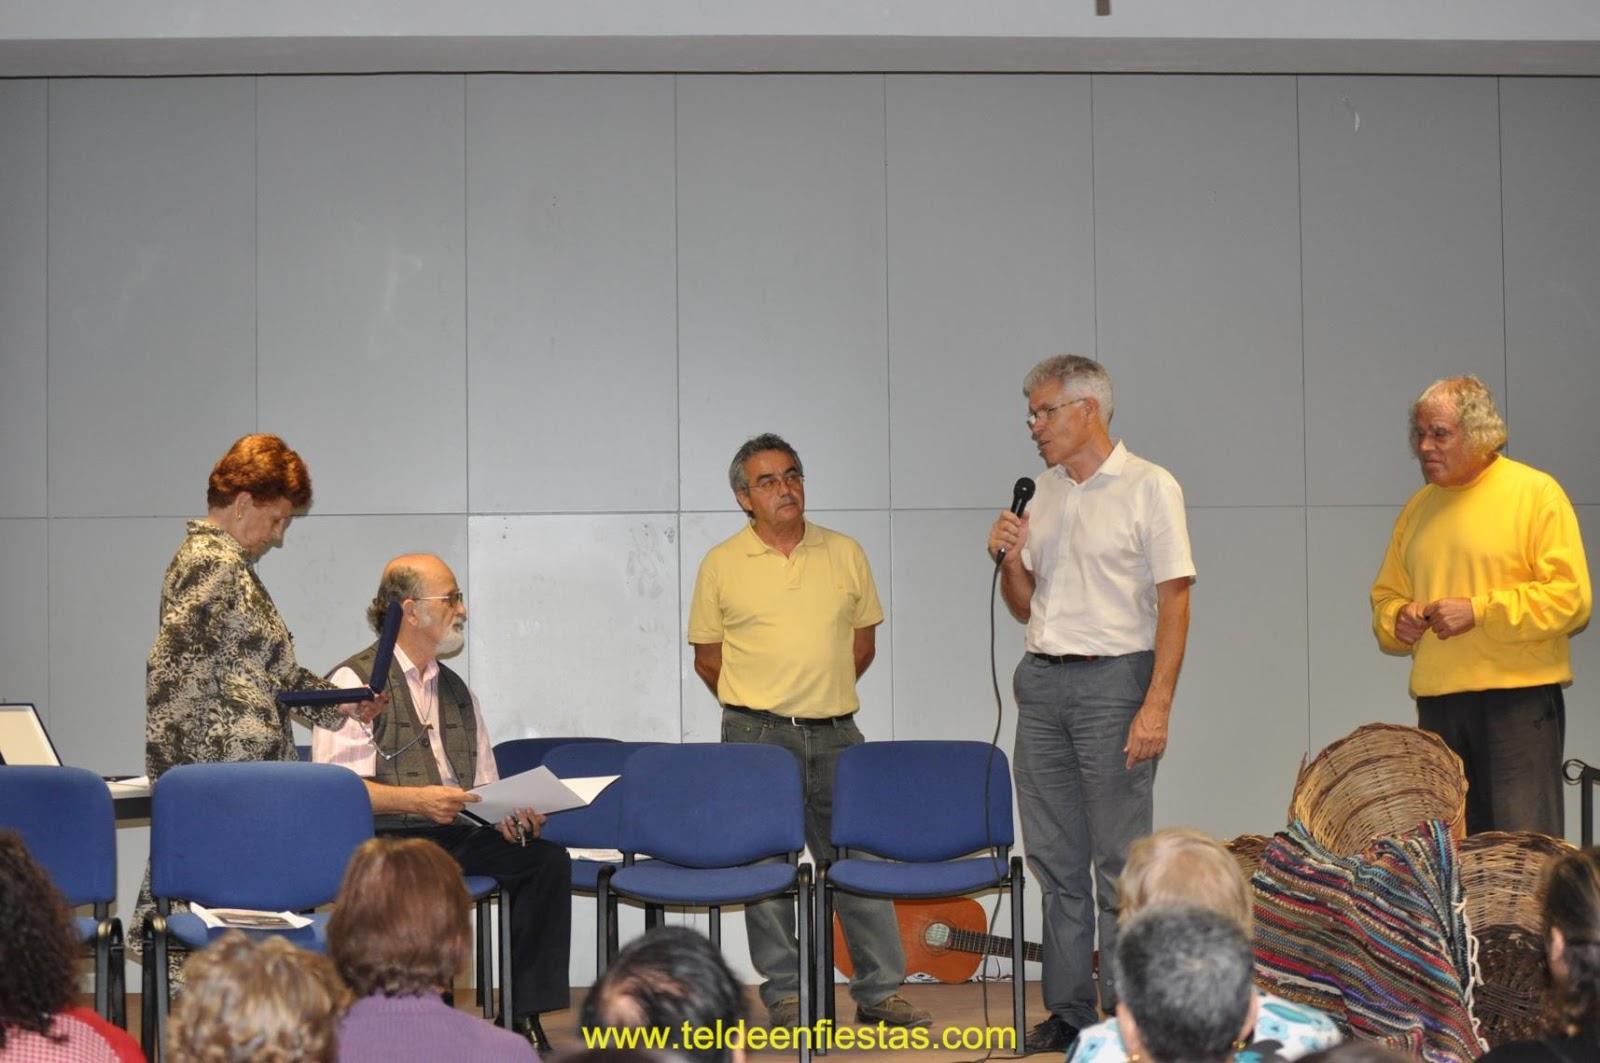 Momento del homenaje a don jose pèrez medina don francìsco navarro